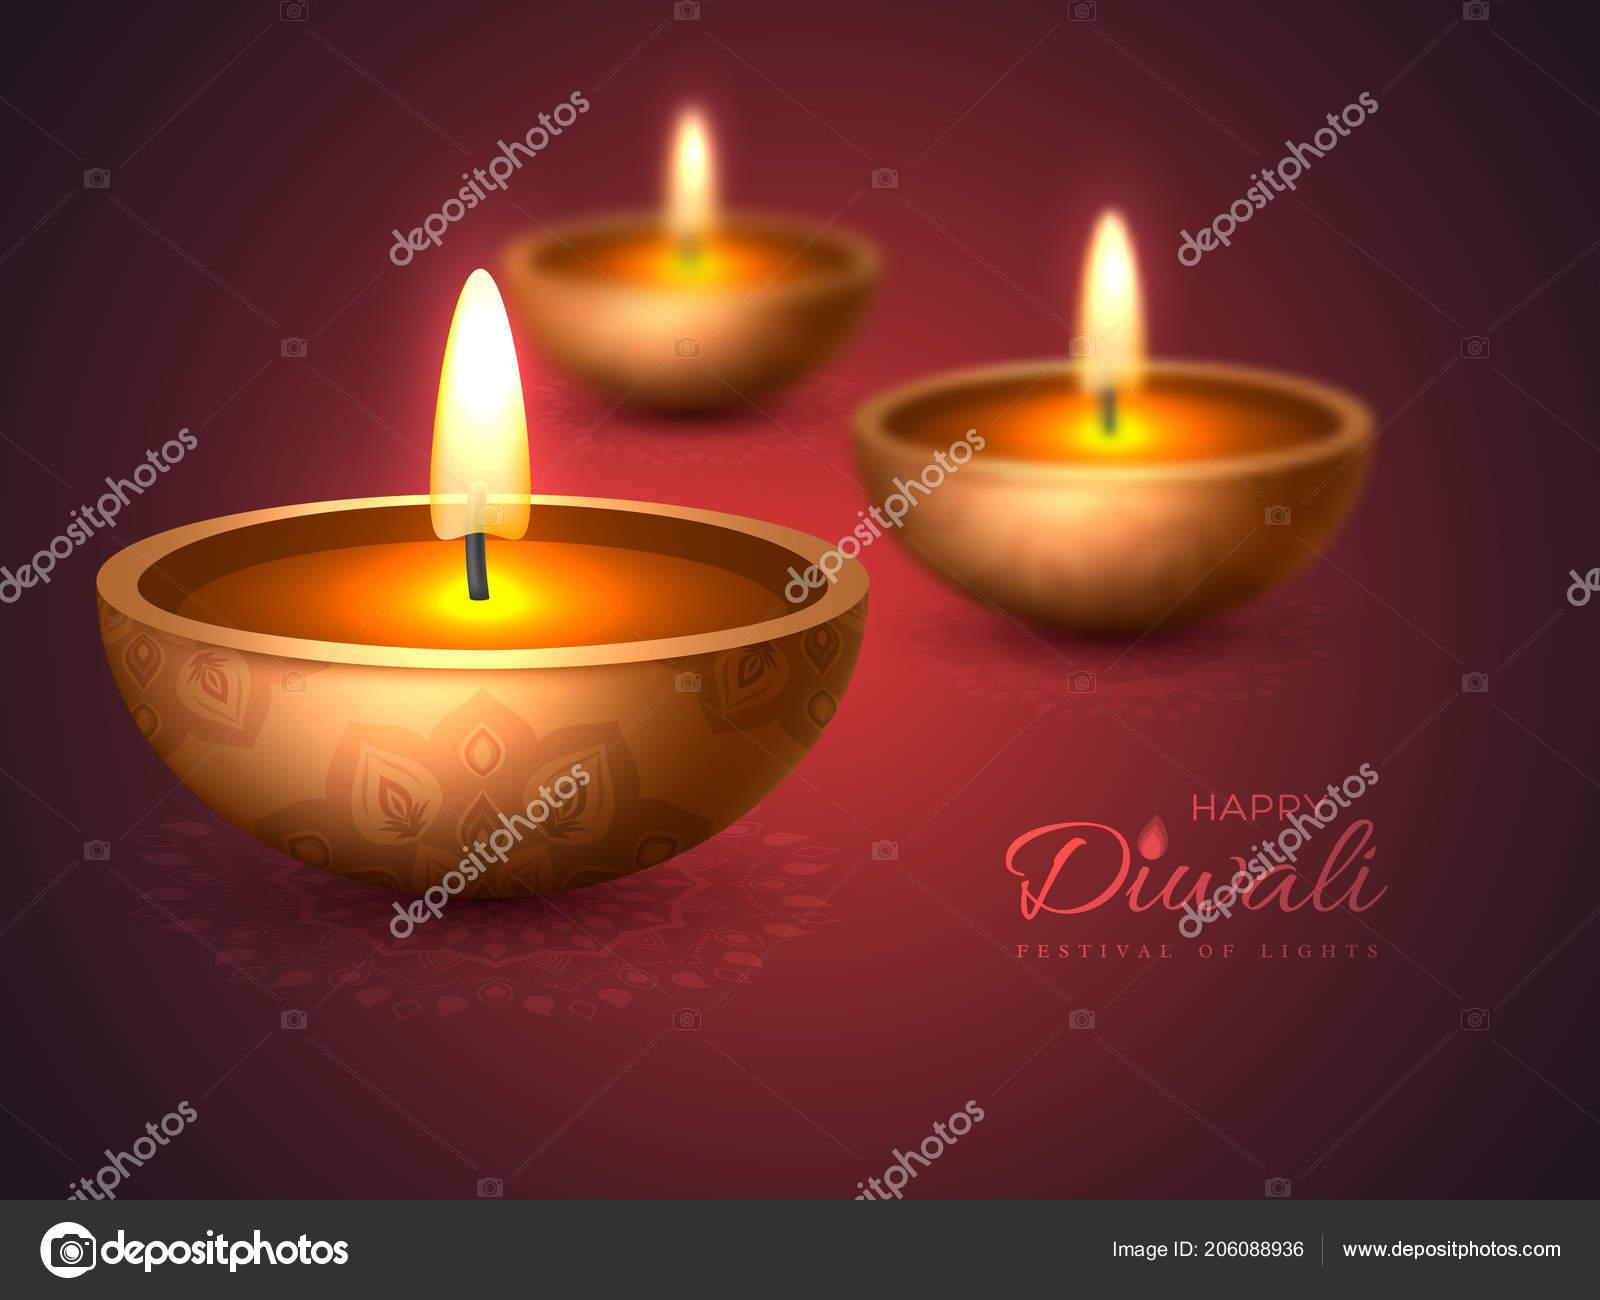 Diwali Diya Lampe Huile Creation Vacances Pour Traditionnelle Fete